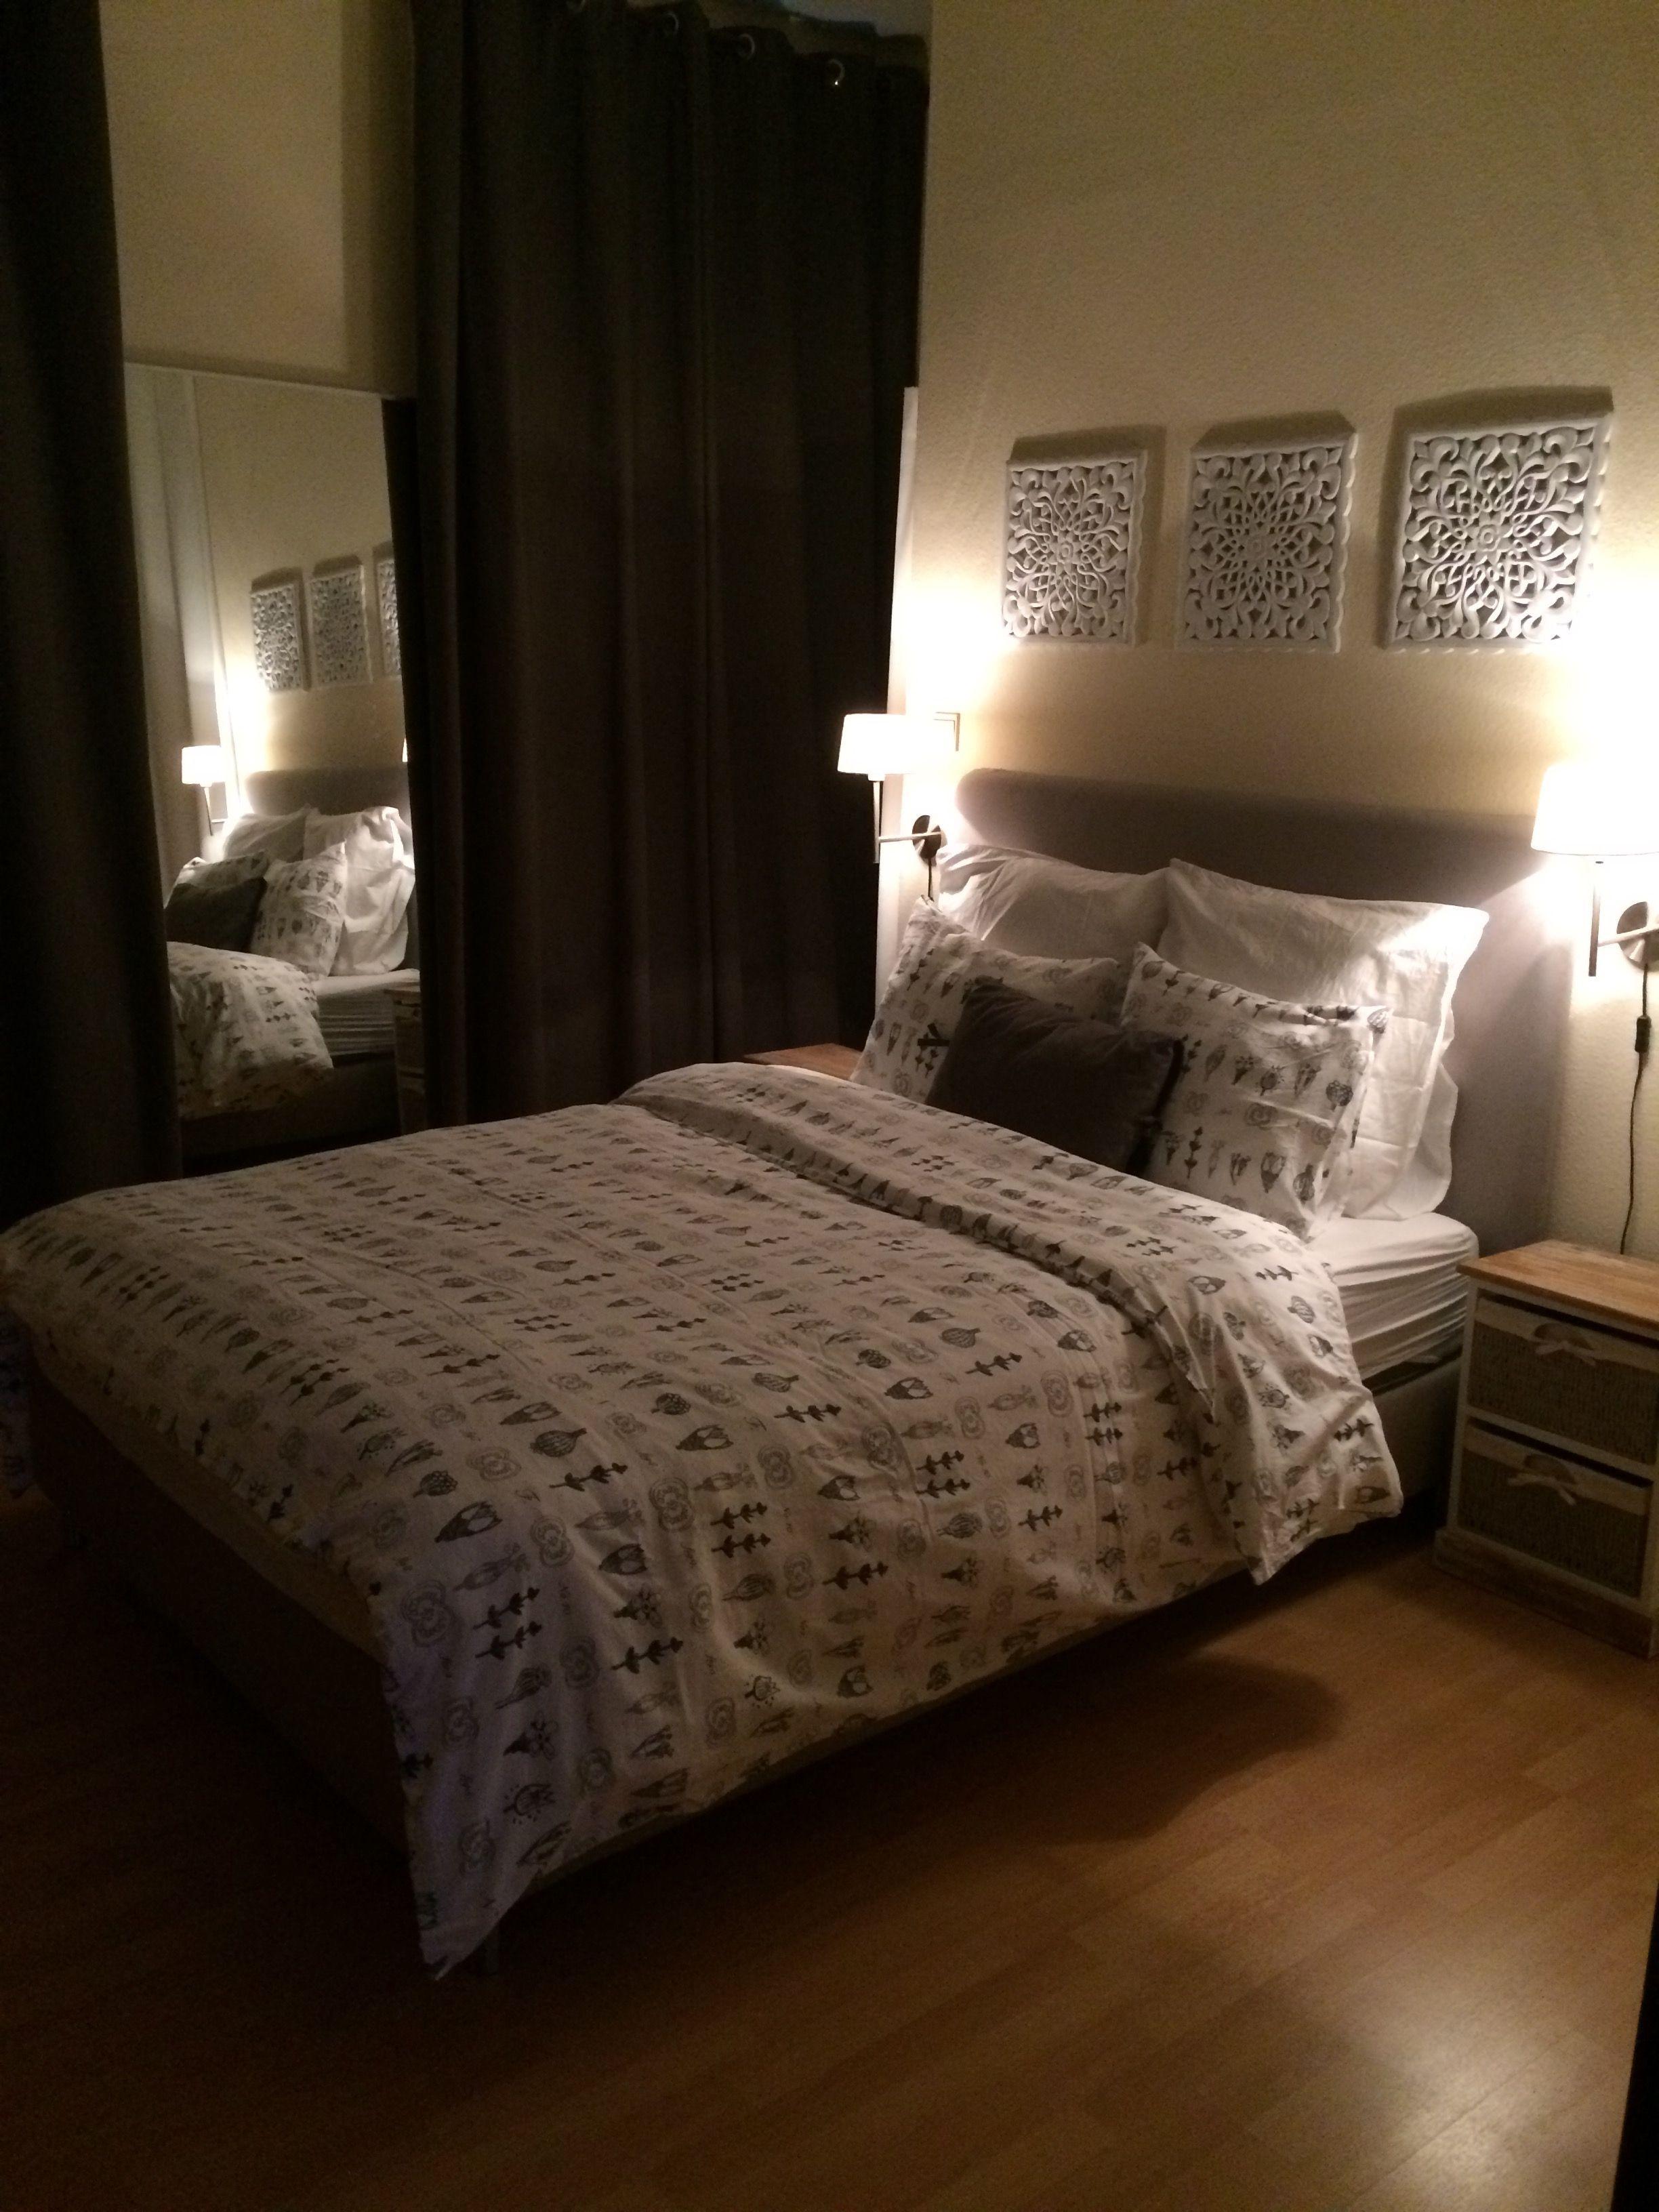 Ikea Malm Schlafzimmer einrichten, Ikea schlafzimmer